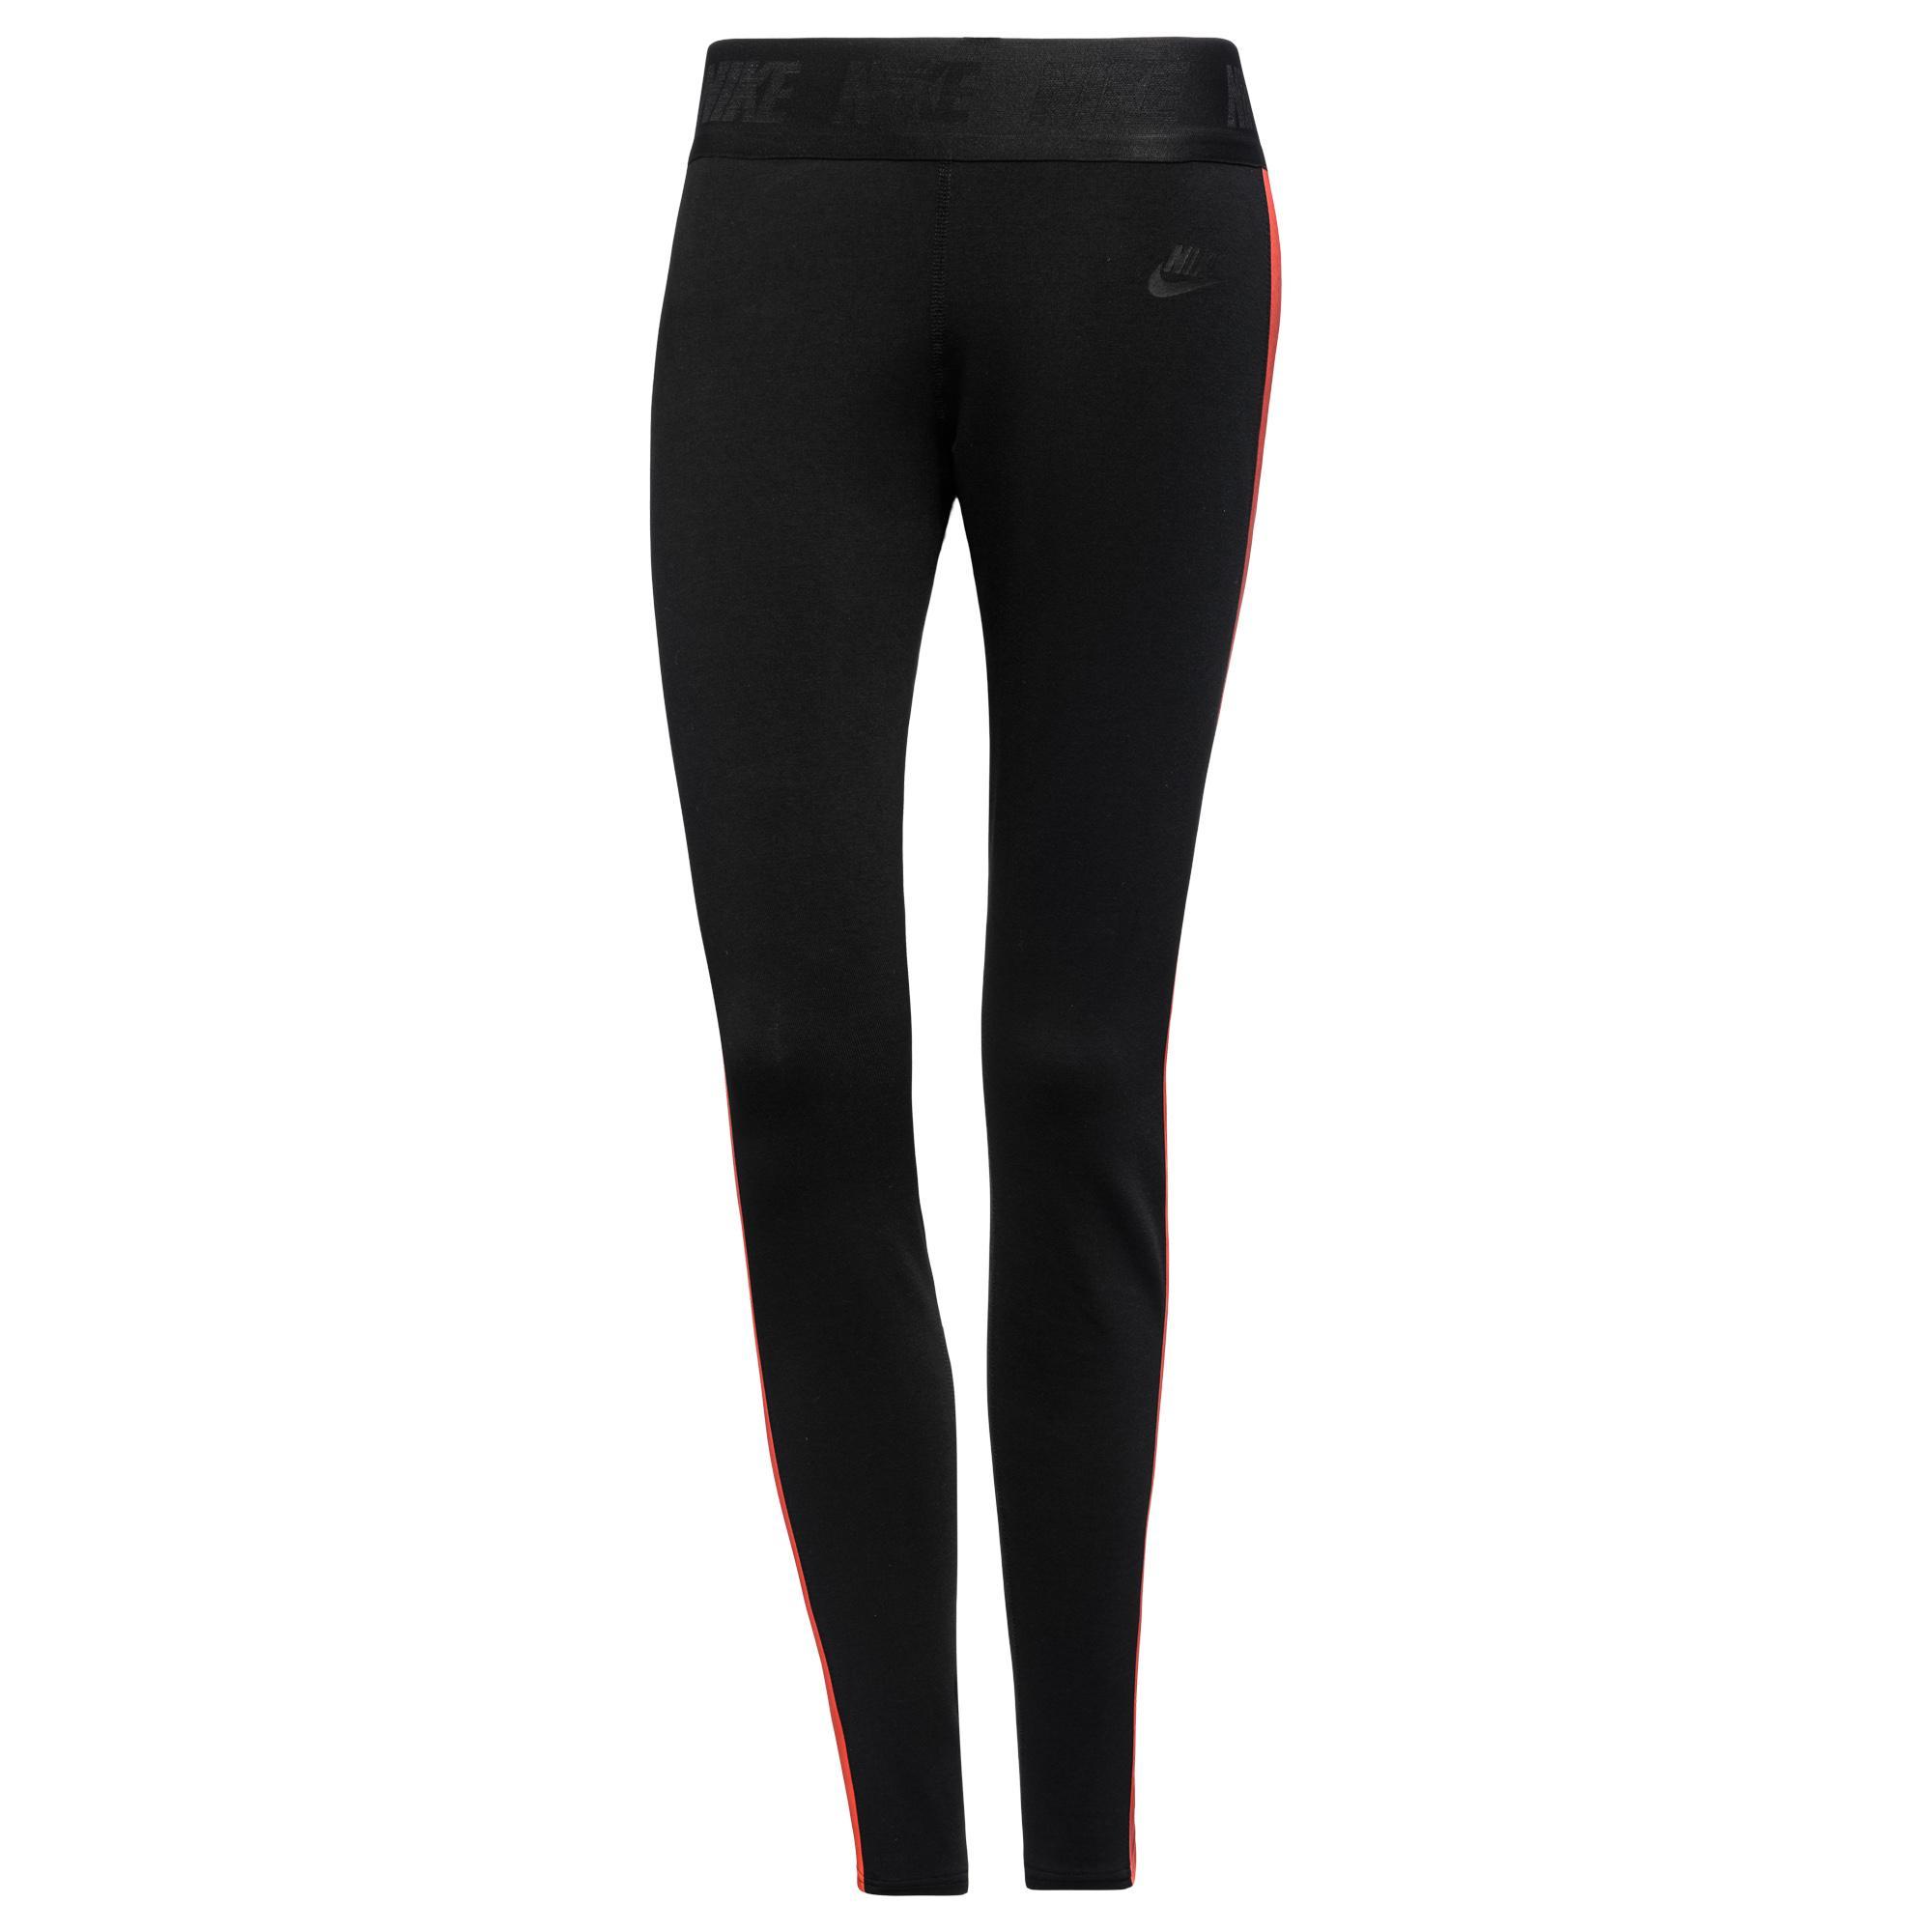 Nike Träningsbyxor Tech Fleece Svart/Röd Dam